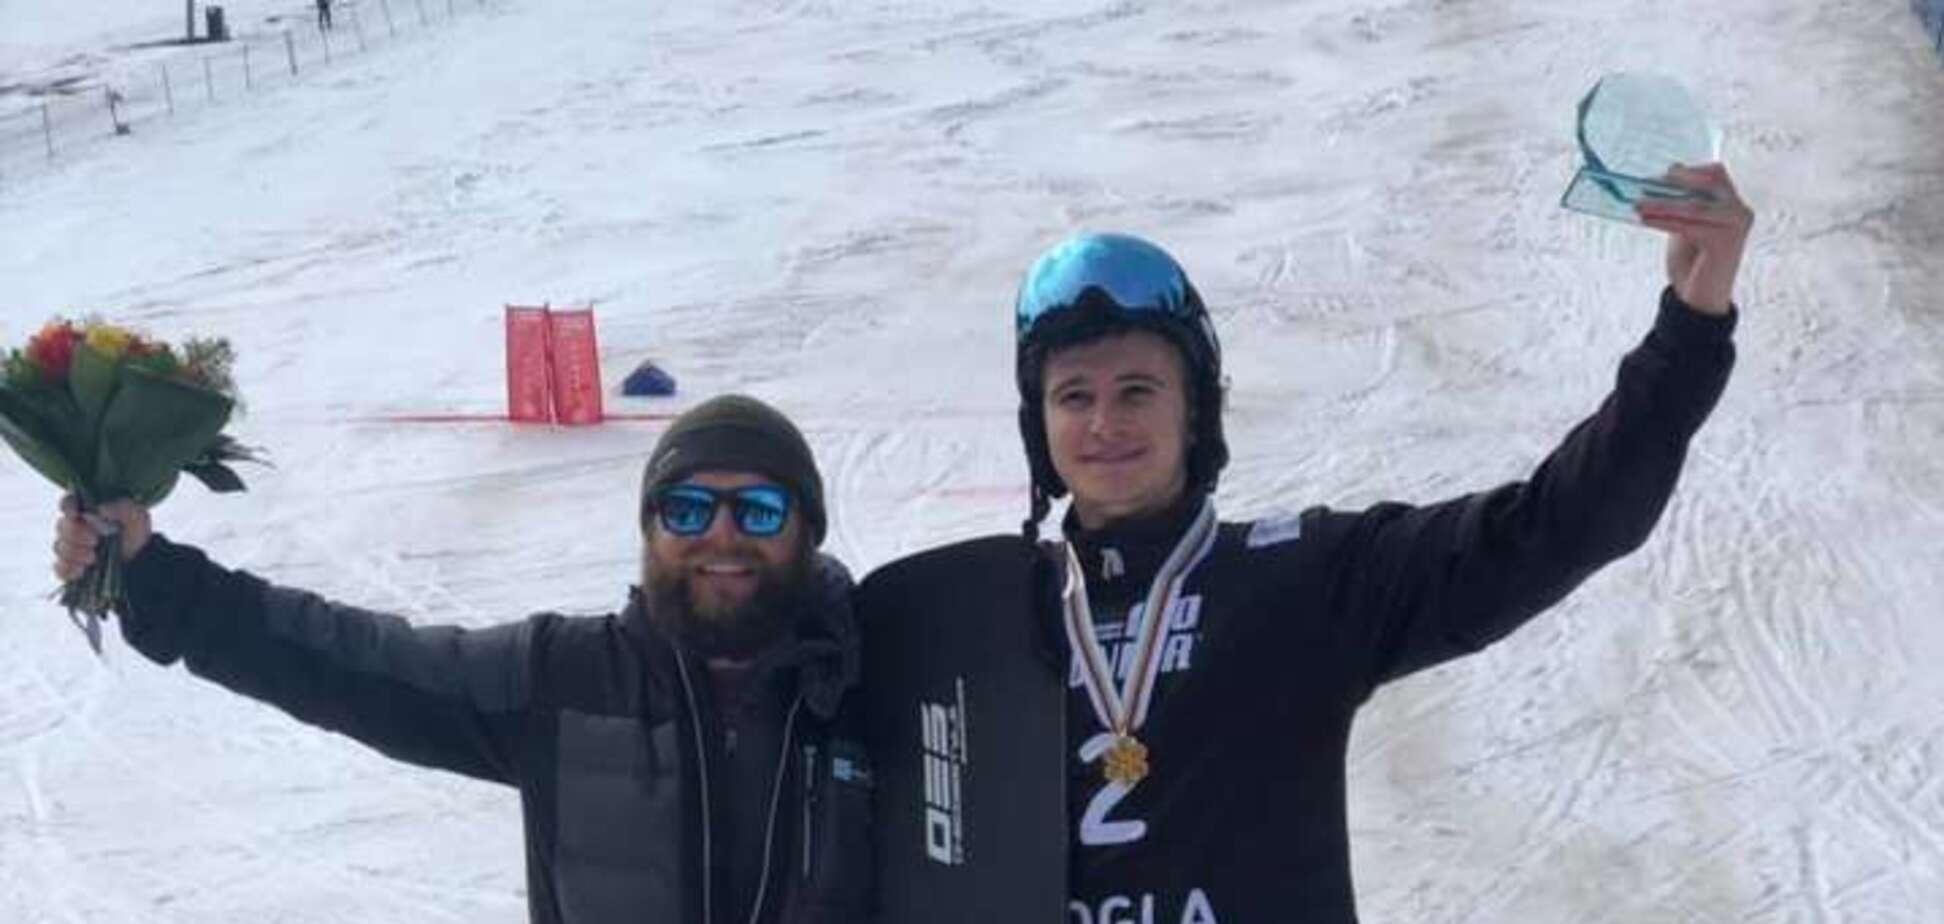 Юний український сноубордист виграв чемпіонат світу